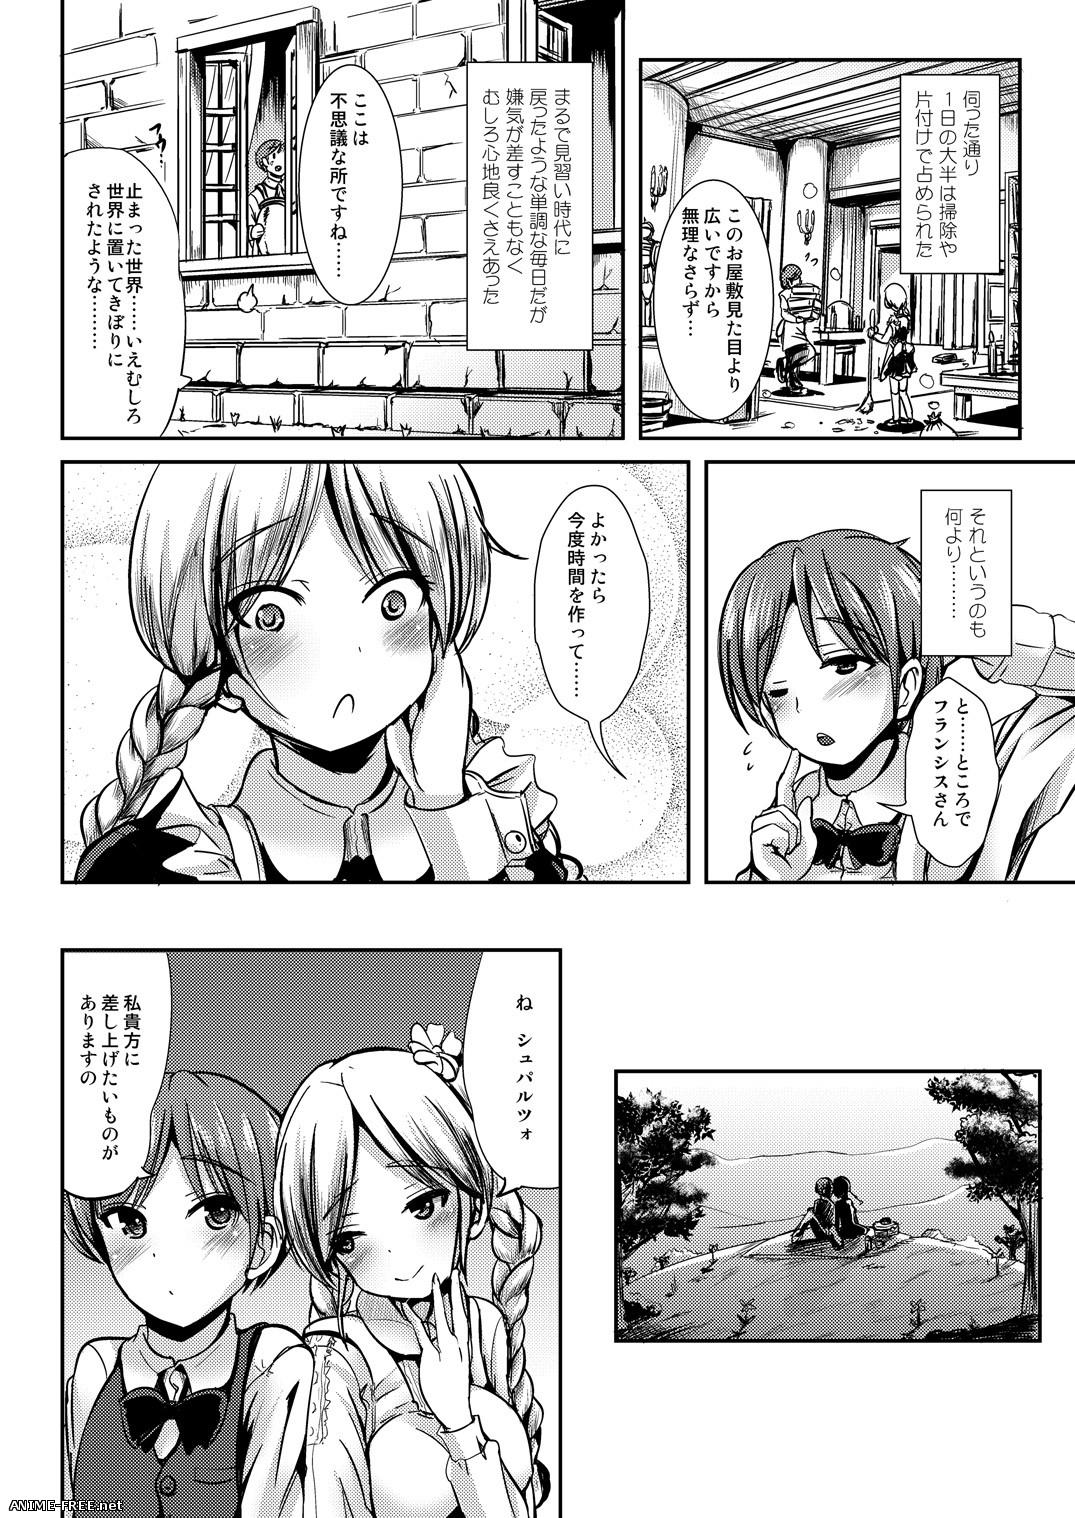 Marneko / L.P.E.G. - (собрание манги) [Ptcen] [ENG,JAP] Manga Hentai